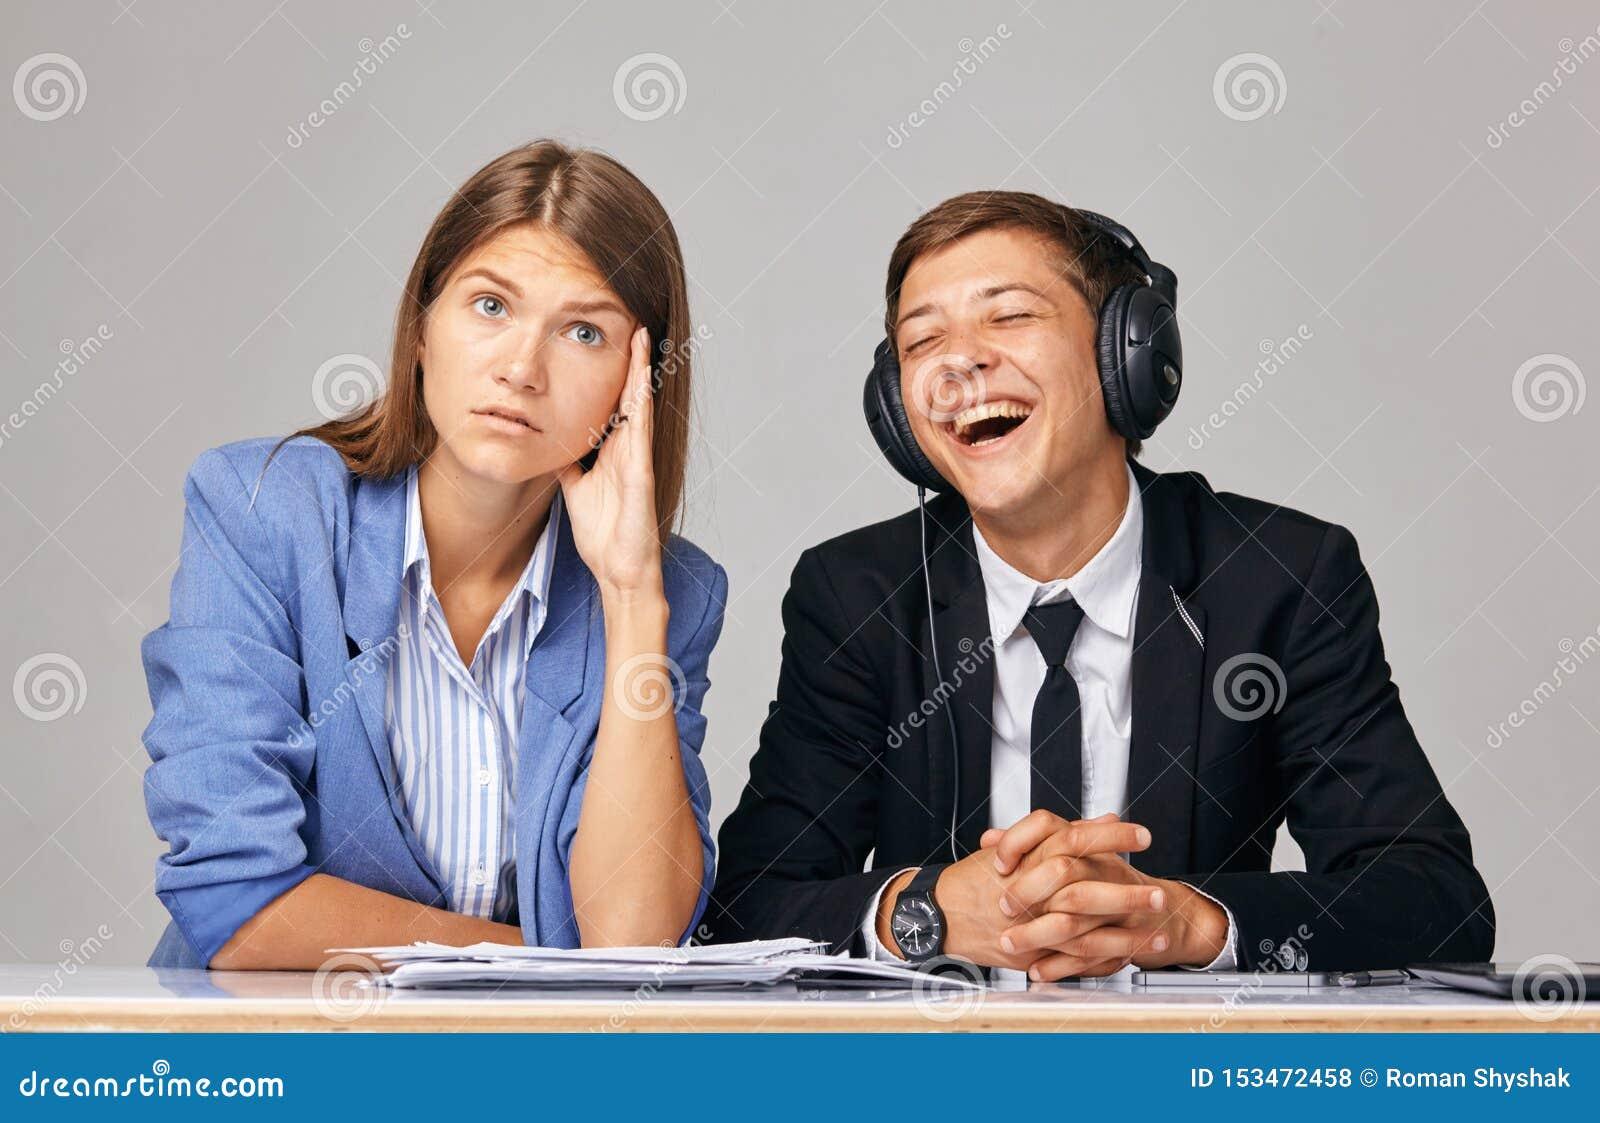 关于问题的概念在工作 关于,当商务伙伴互相听不到